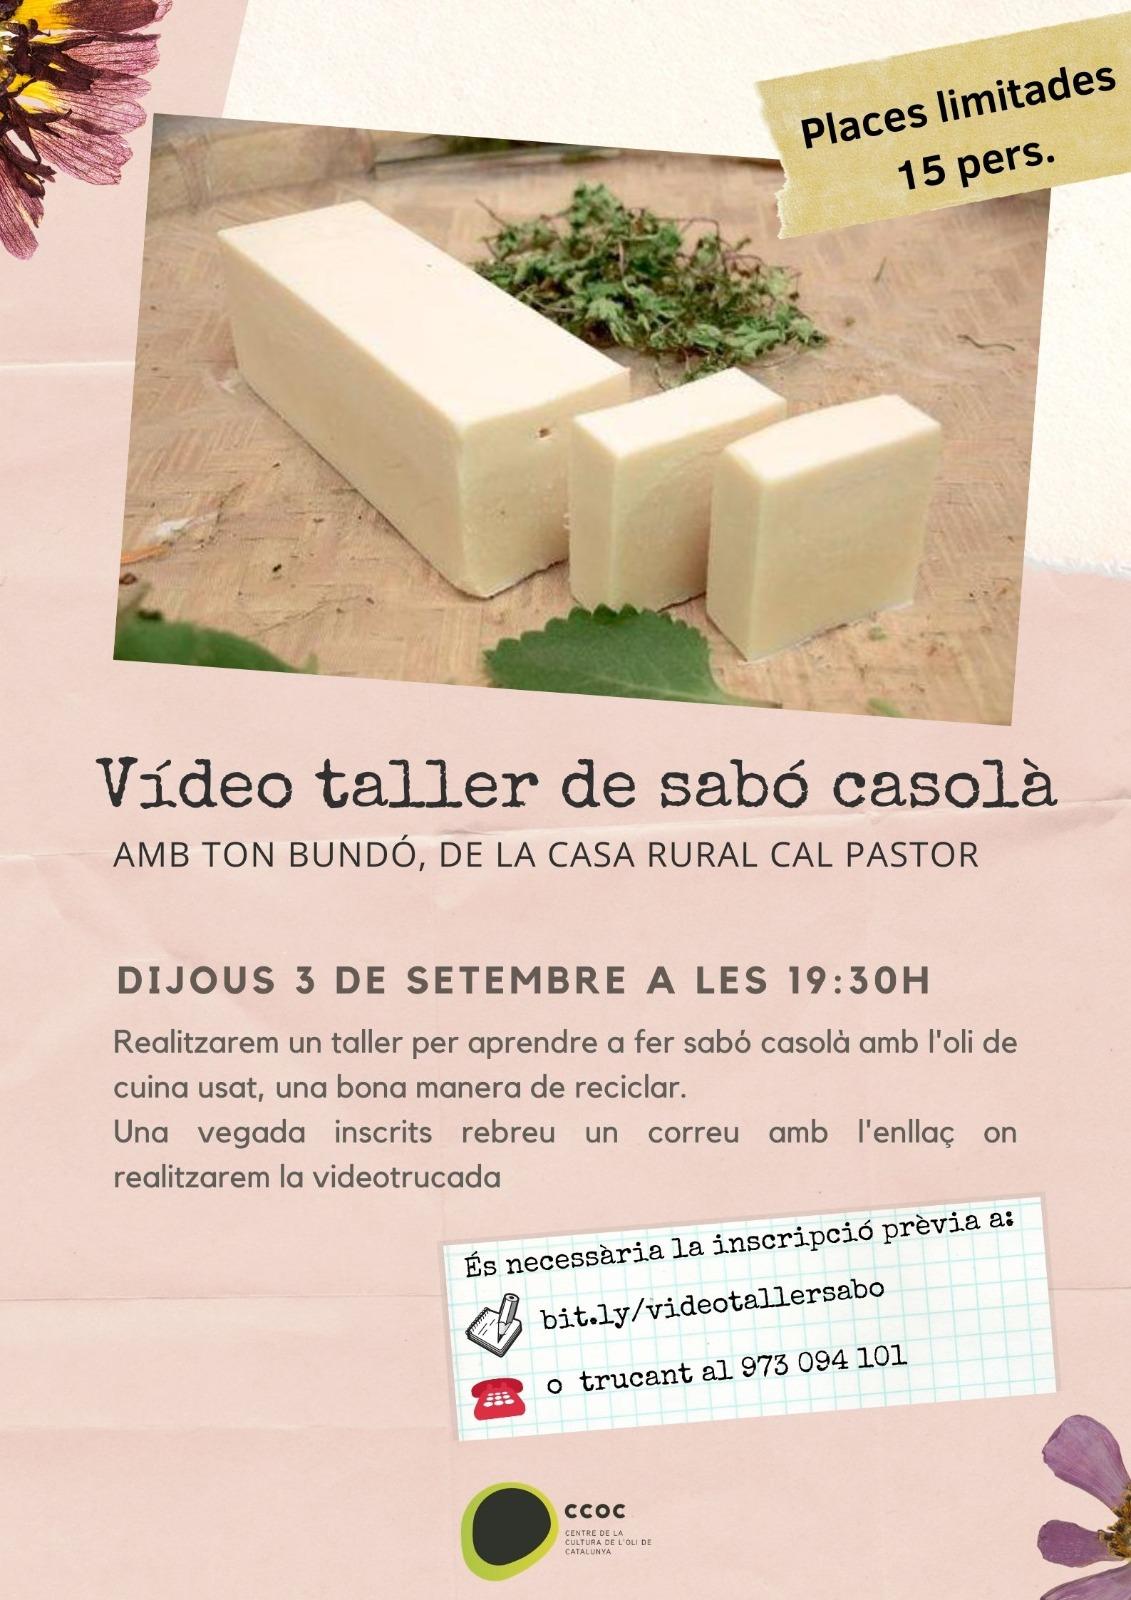 El Centre de l'oli de la Granadella organitza un taller virtual per reciclar l'oli d'oliva usat  fent sabó casolà